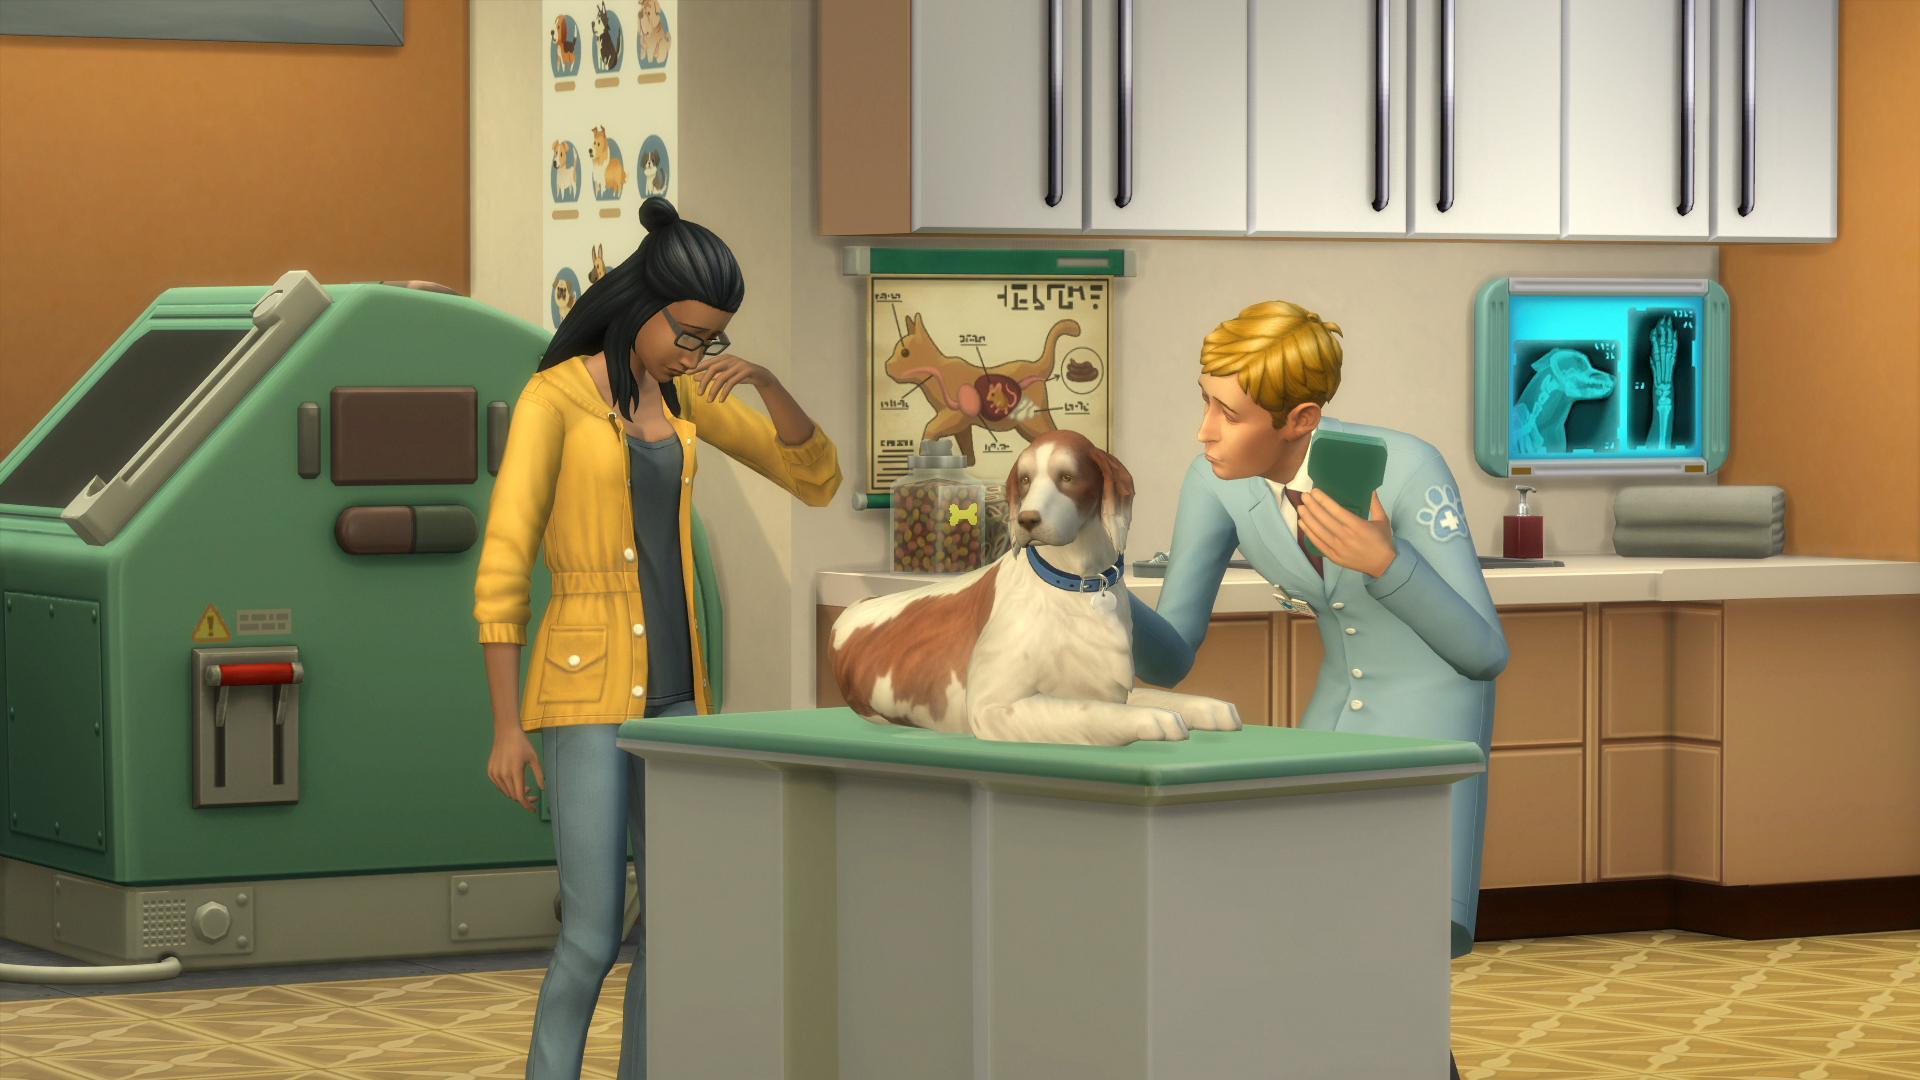 Abra sua própria Clínica Veterinária em The Sims 4! 4